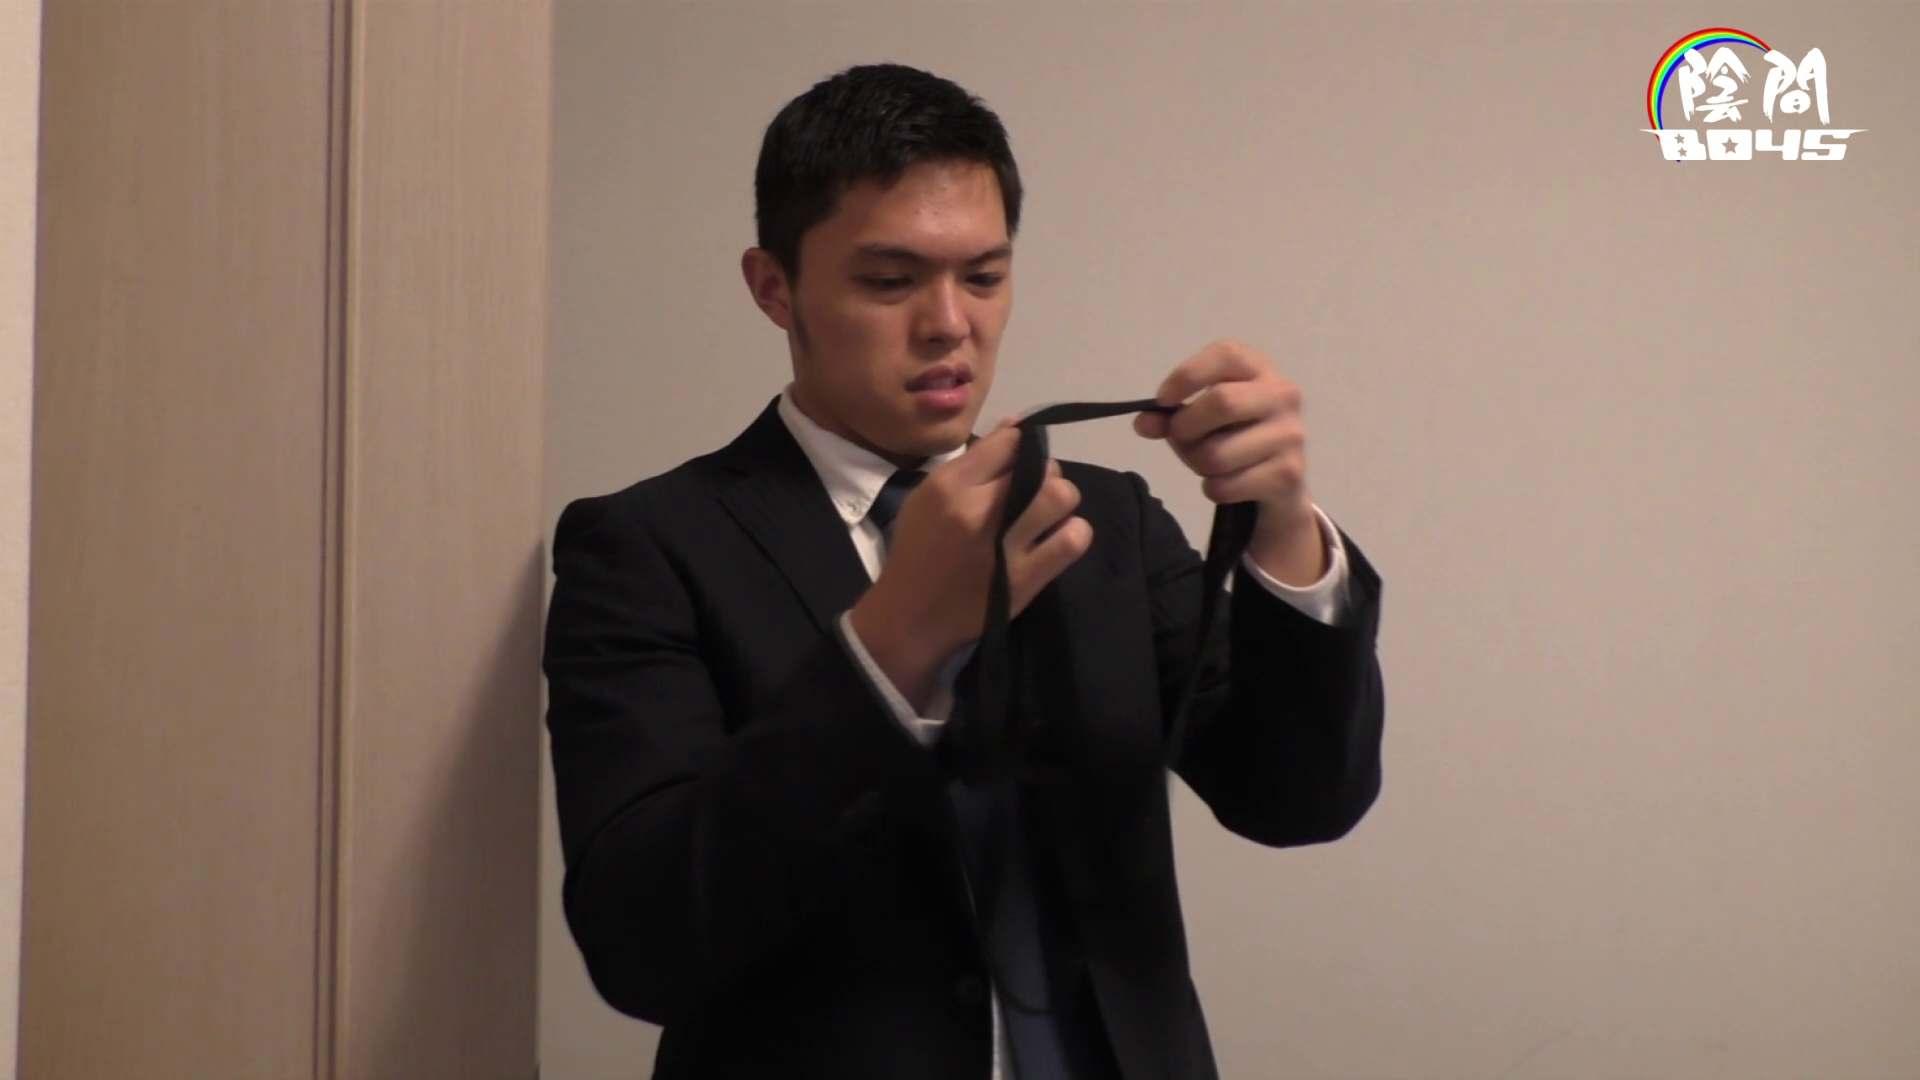 アナルで営業ワン・ツー・ スリーpart2 Vol.1 三ツ星動画   モ無し ゲイ丸見え画像 8連発 7